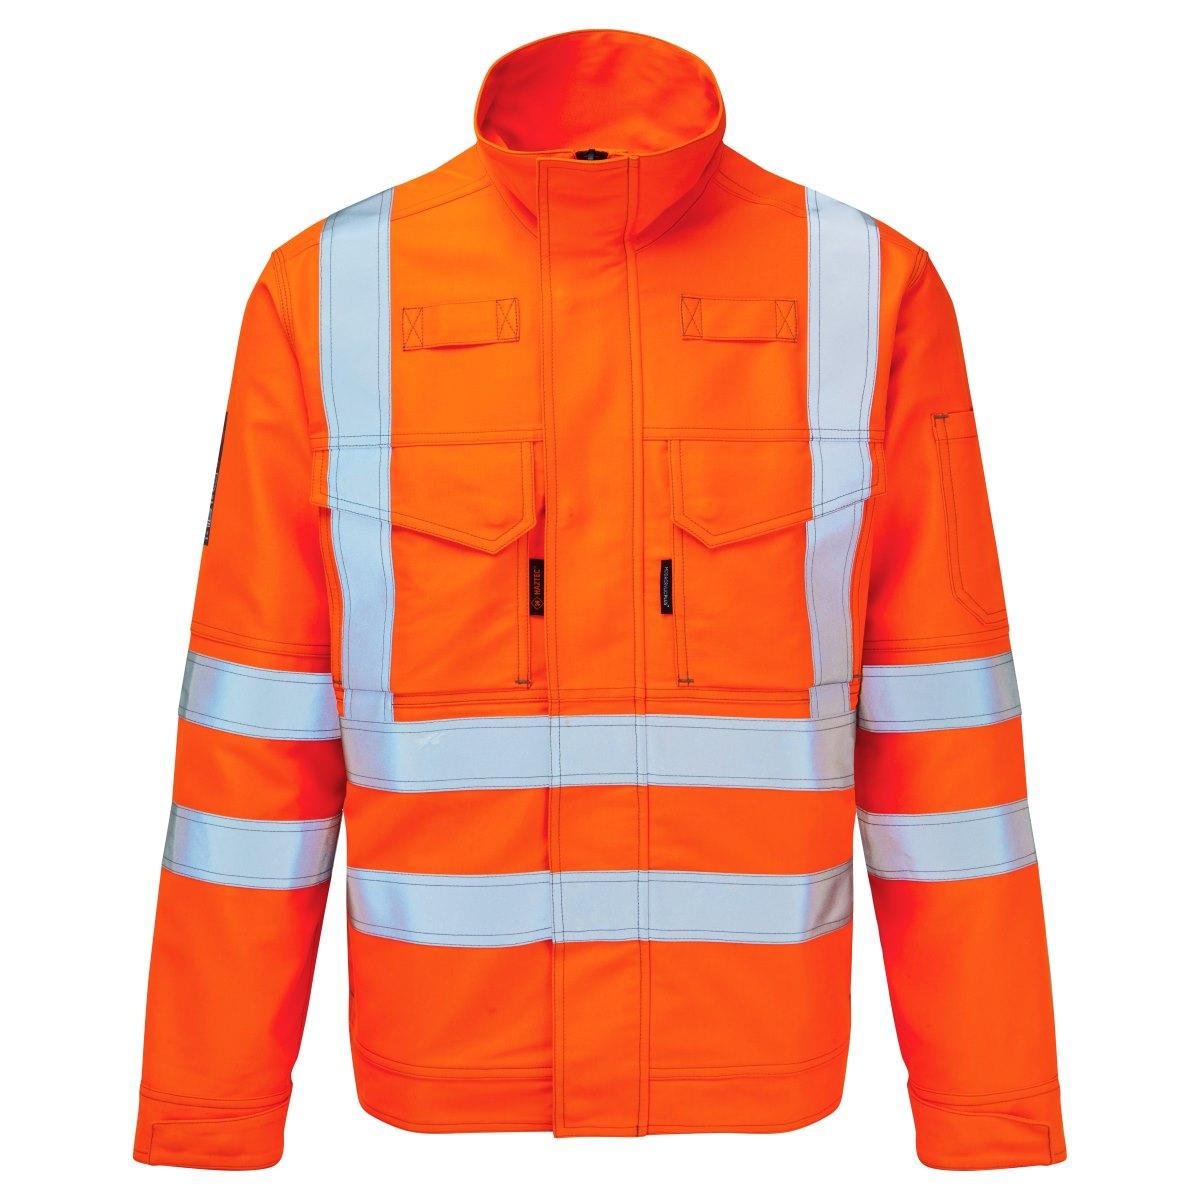 AS1000 HAZTEC Mercury FR AS Hi-Vis ARC Jacket